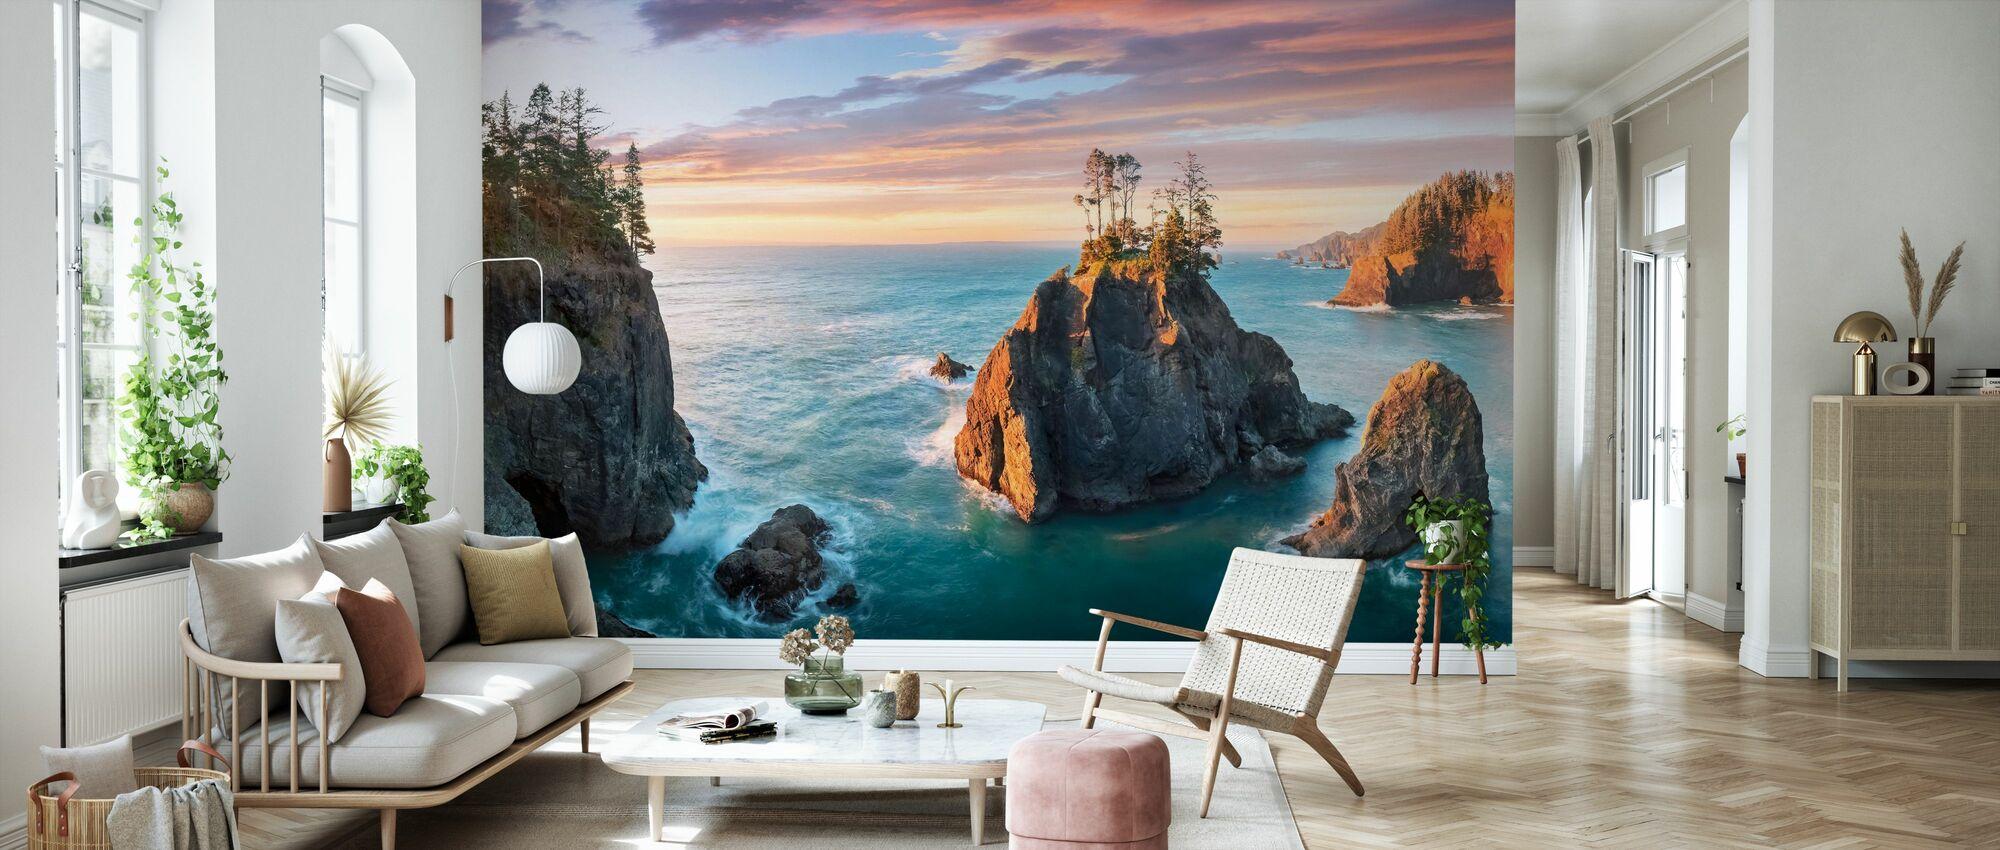 Daybreak - Wallpaper - Living Room